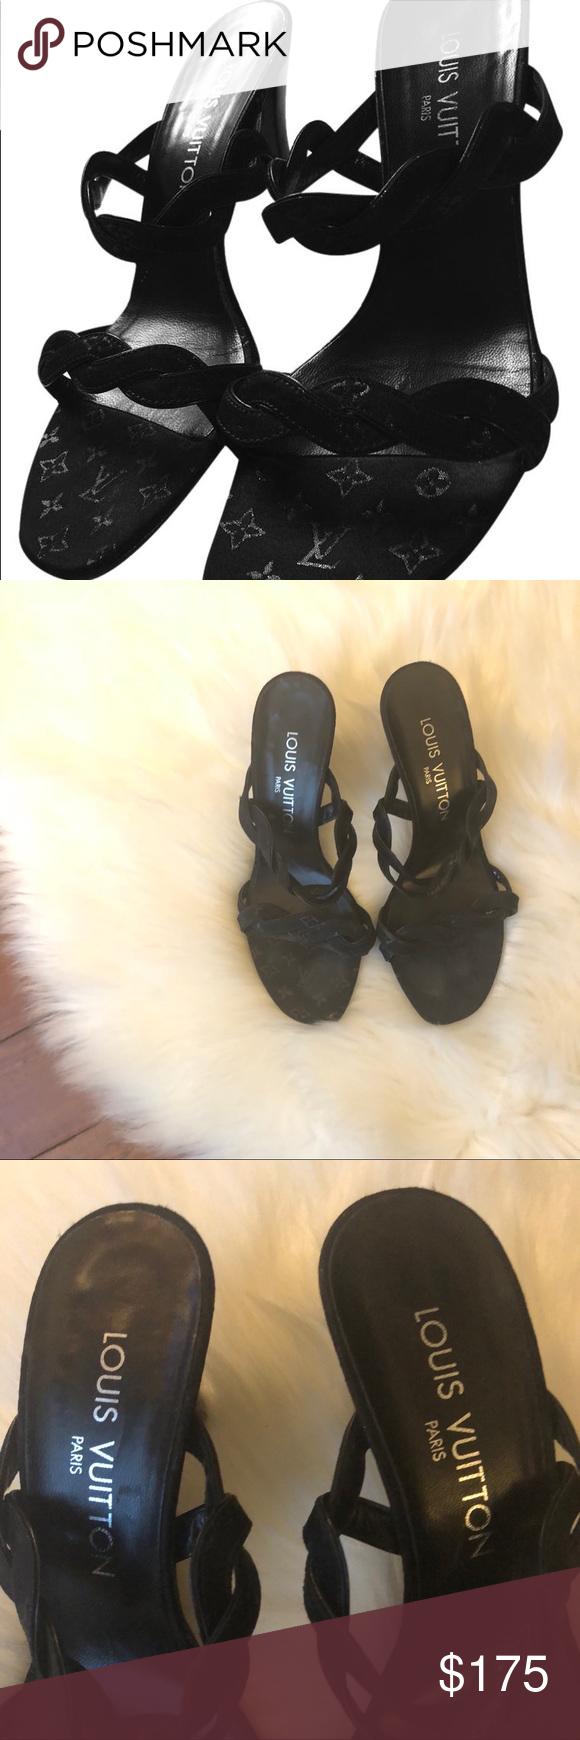 8bd29d3a194c Louis Vuitton black monogram strap sandals 5.5